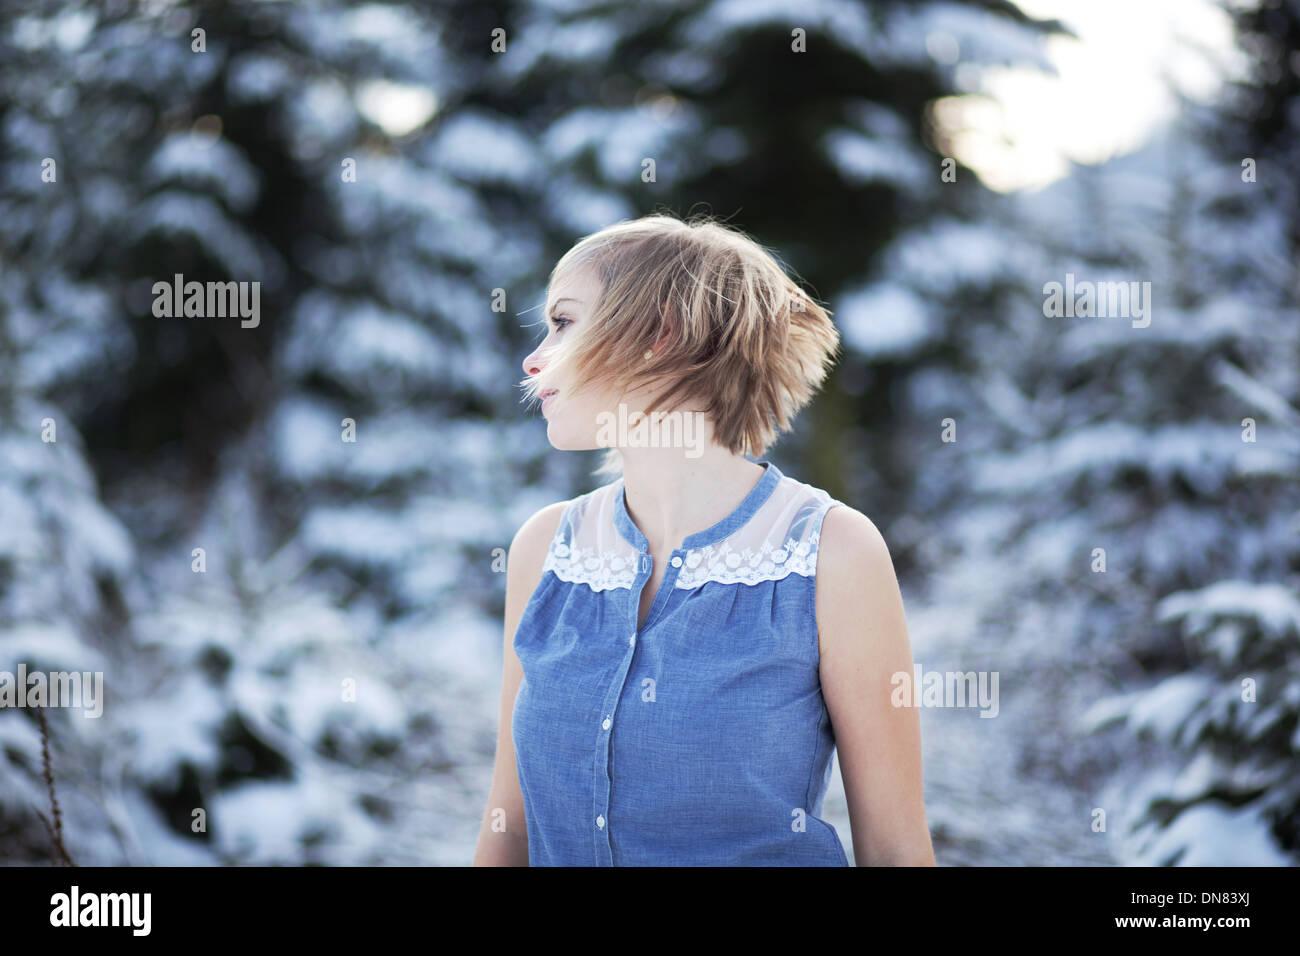 Ritratto di una giovane donna nella neve Immagini Stock